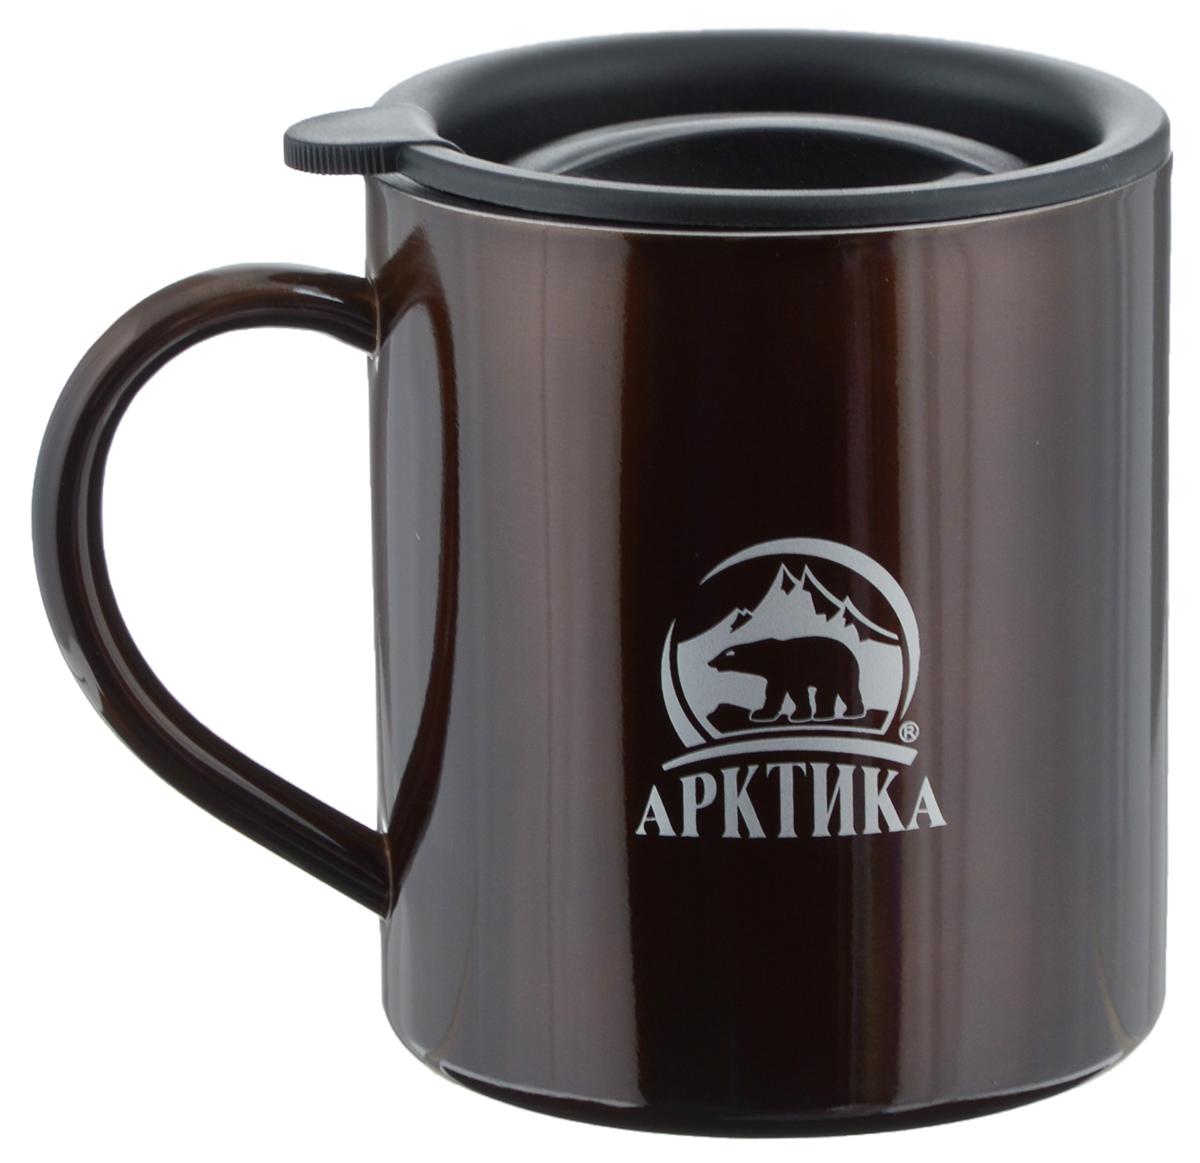 Термокружка Арктика, цвет: кофейный, 0,3 л802-300 кофейнаяТермокружка Арктика универсальна, она одинаково хороша и при использовании дома, если вы любите растягивать удовольствие от напитка и вам не нравится, что он так быстро остывает, и на даче, где такая посуда особенно впору в силу своей прочности, долговечности и практичности. Ей приятно пользоваться, ведь она не обжигает руки, ее легко мыть, можно не бояться уронить, нержавеющая сталь равнодушно выдержит любые удары судьбы. Крышка с отверстием, поставляемая в комплекте, плотно фиксируется на термокружке. Помимо той очевидной выгоды, что напиток не будет разливаться, вы можете быть уверены, что в жаркий летний день любопытные насекомые не смогут позариться на содержимое термокружки. Диаметр кружки (по верхнему краю): 7,8 см. Высота кружки (без учета крышки): 9 см.